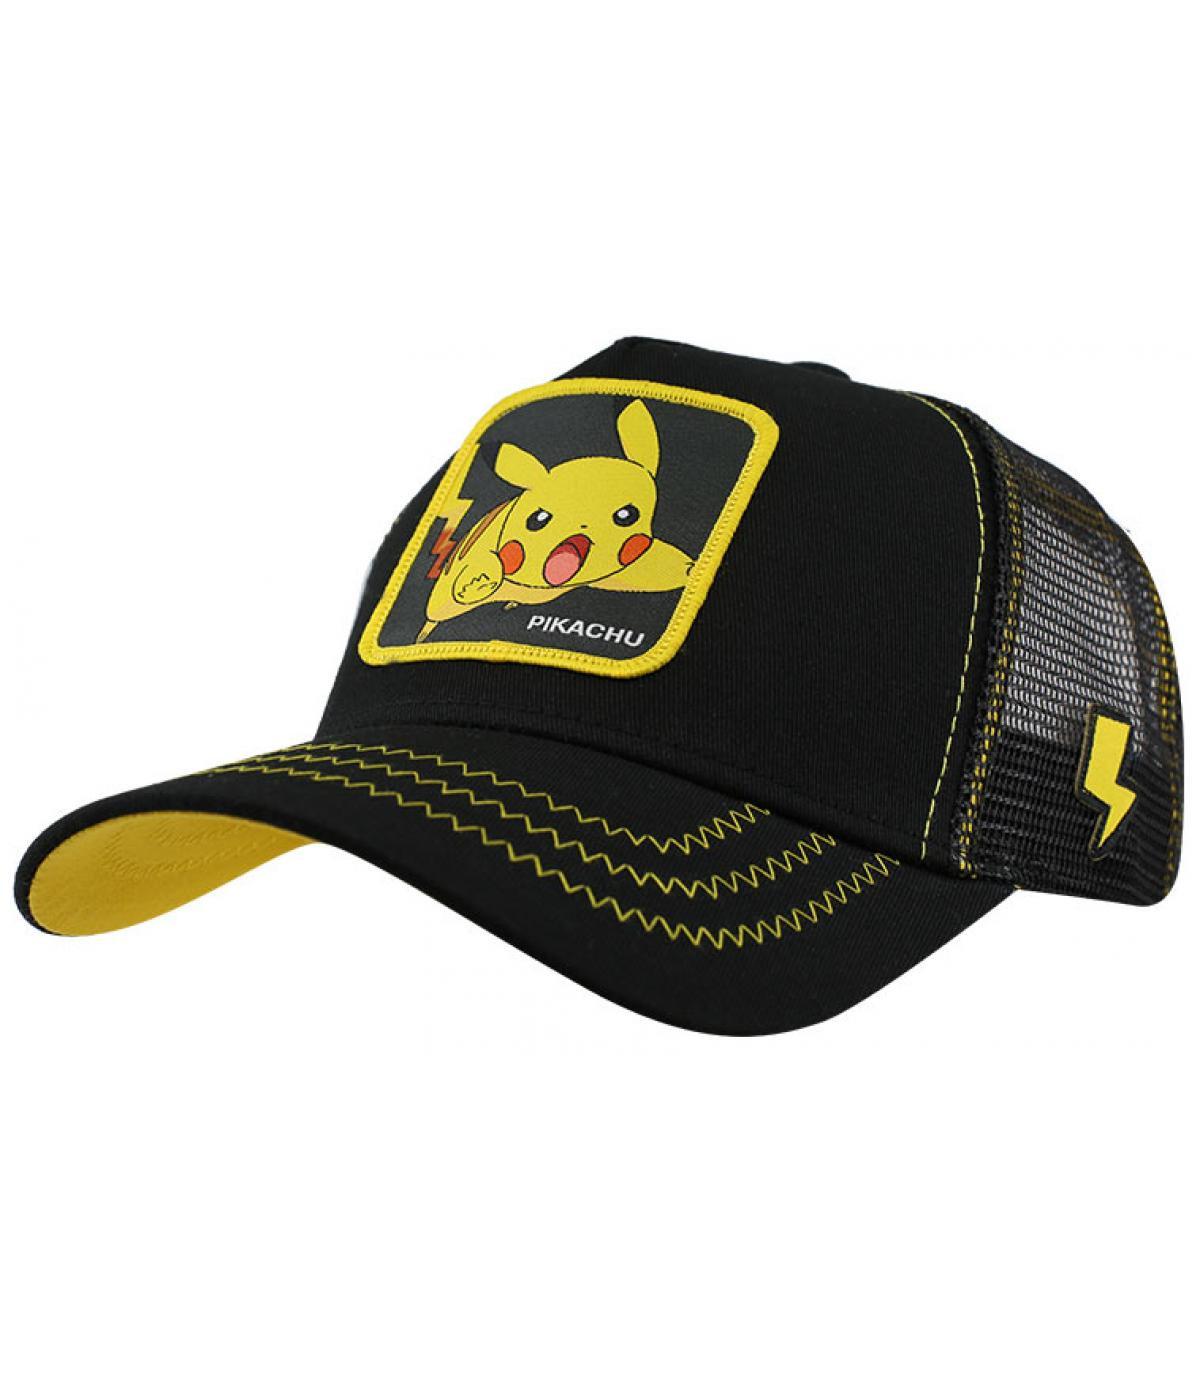 cappellino nero di pikachu